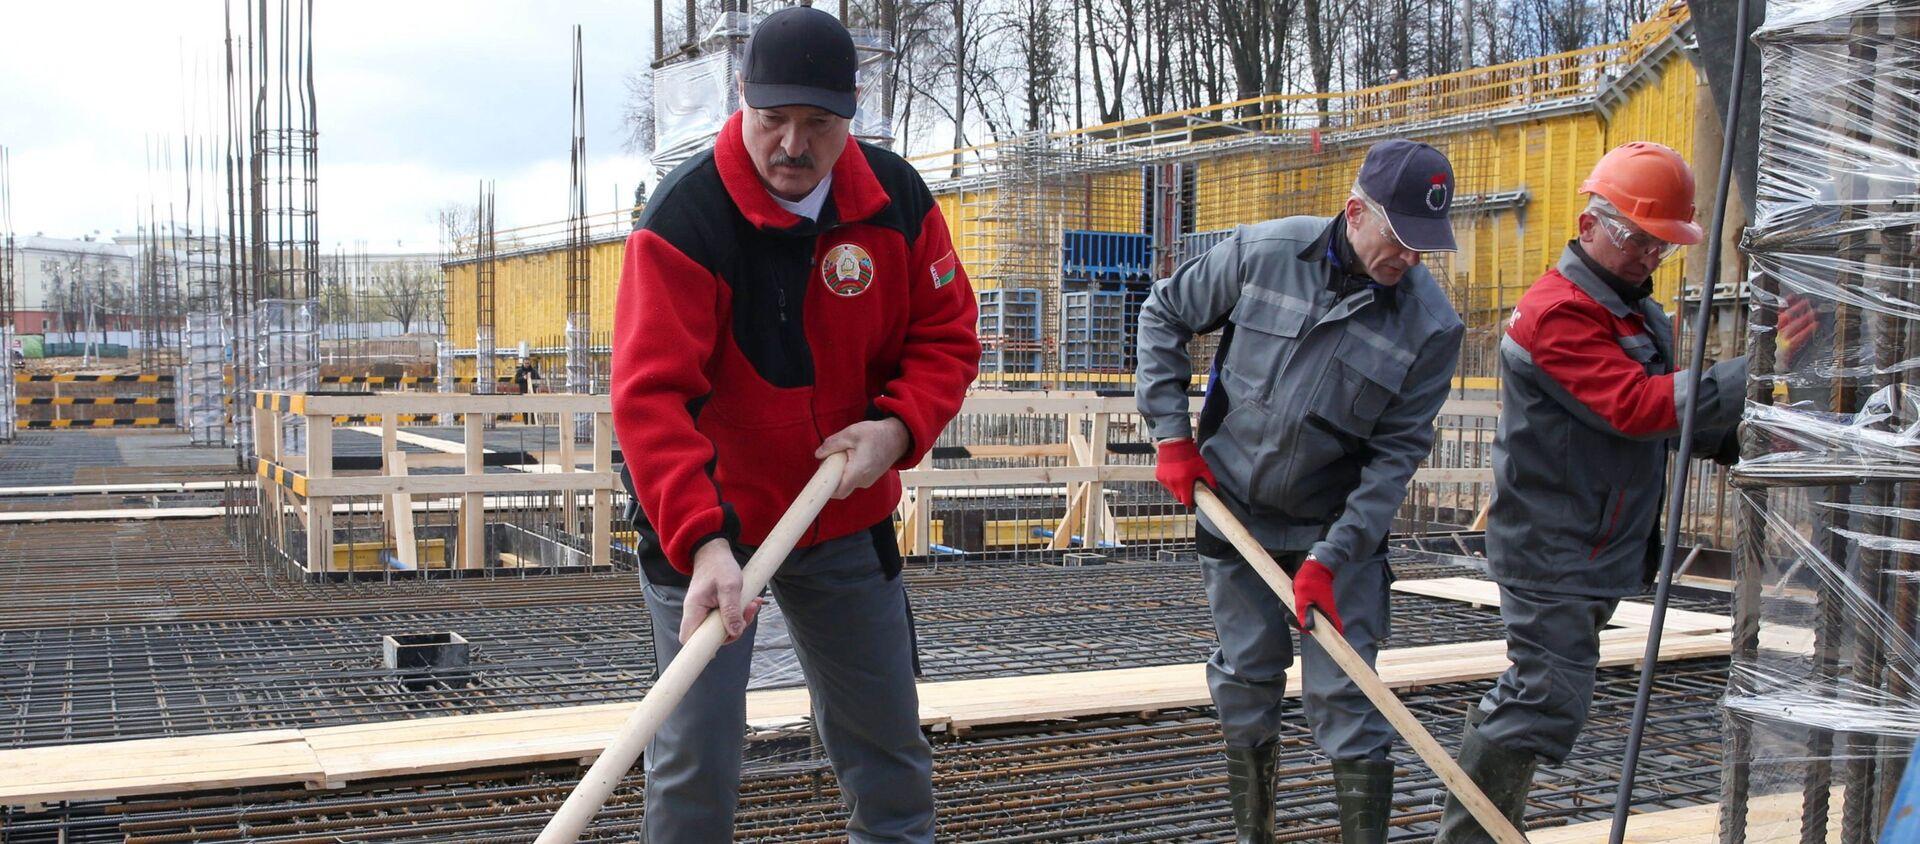 Александр Лукашенко на субботнике - во время реконструкции стадиона Динамо - Sputnik Беларусь, 1920, 17.04.2021